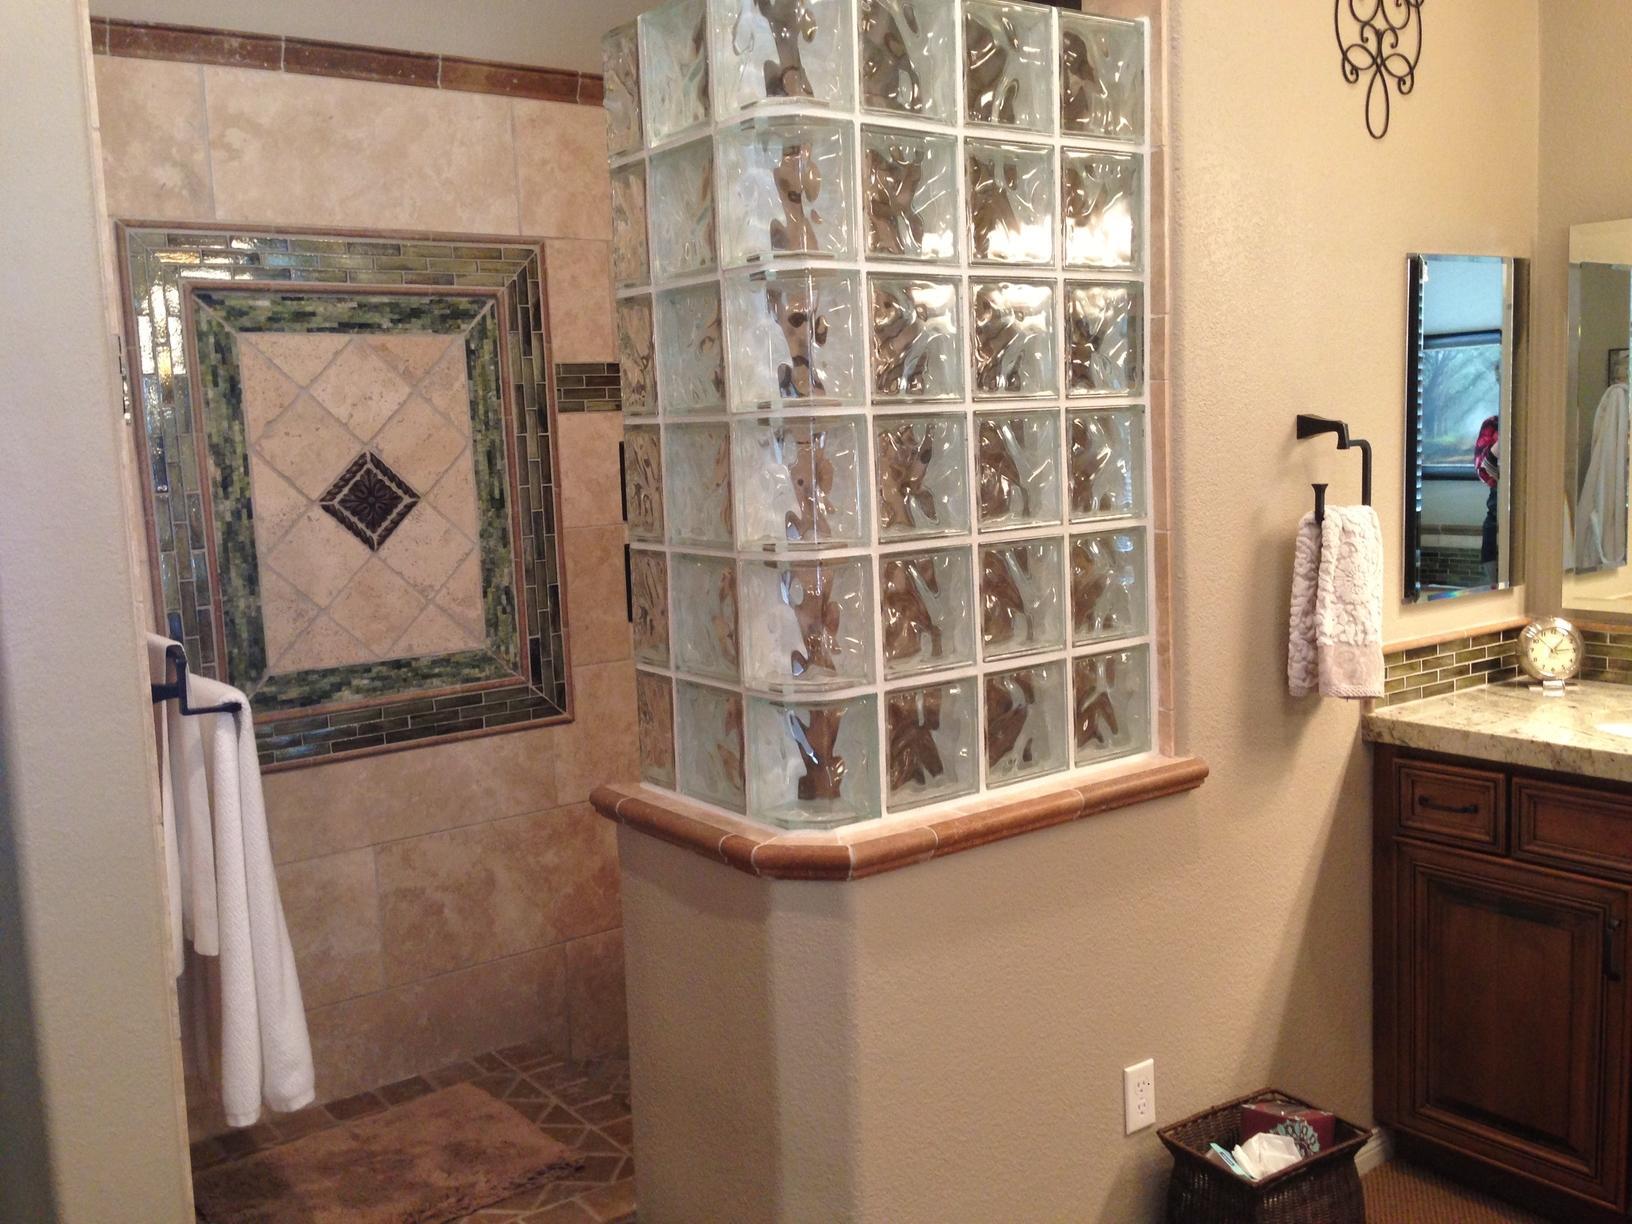 Bathroom Remodel in Glendale, AZ - Masterbath Remodel in ...